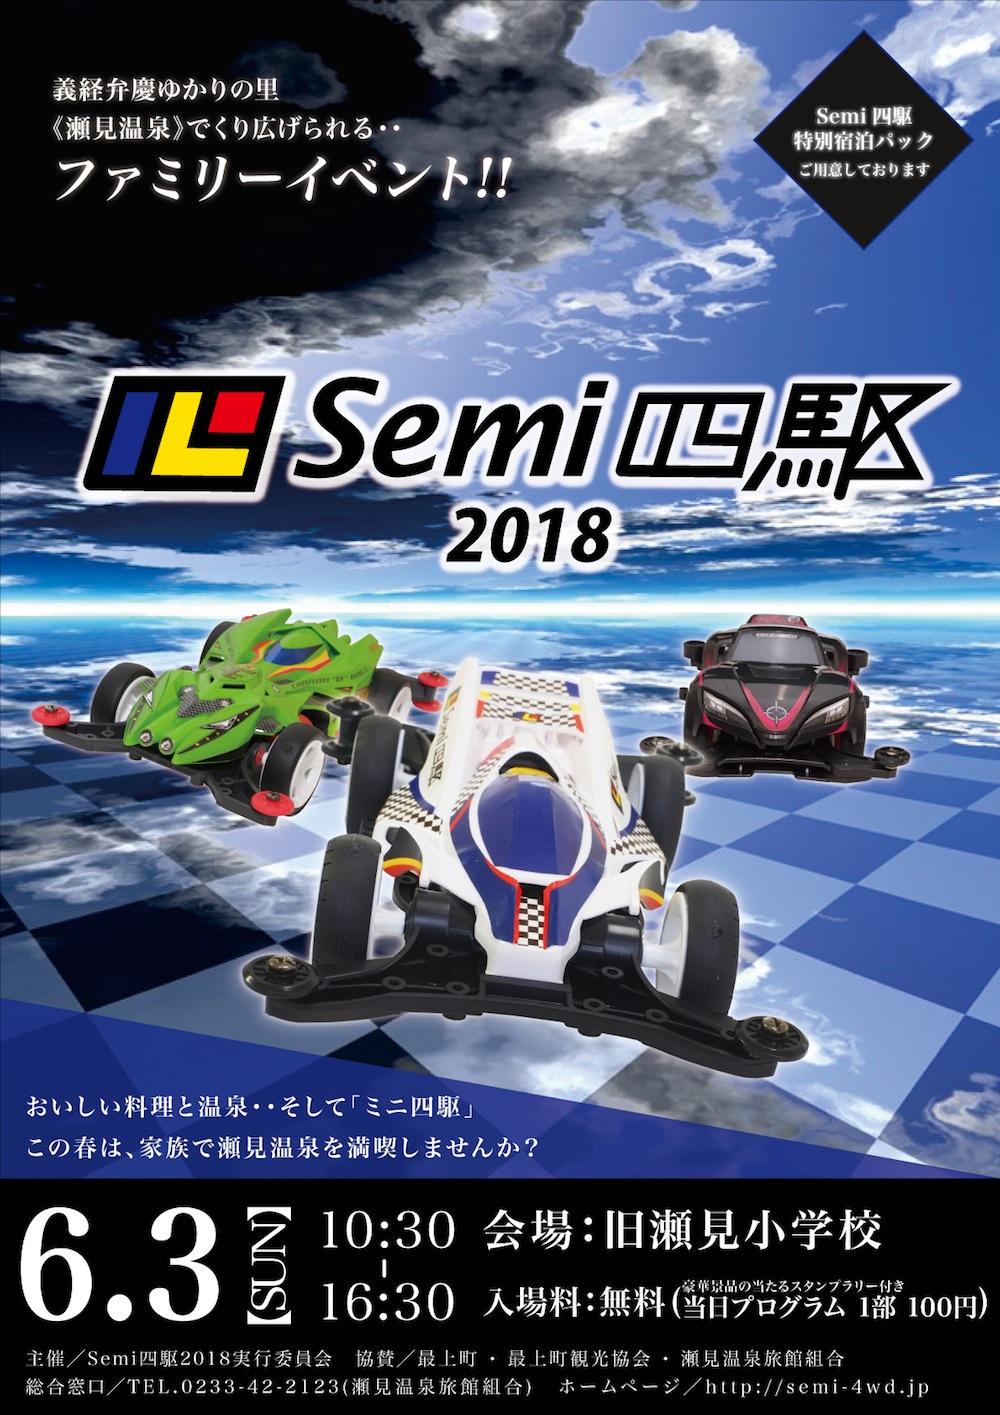 Semi四駆2018/イベントフライヤー:画像